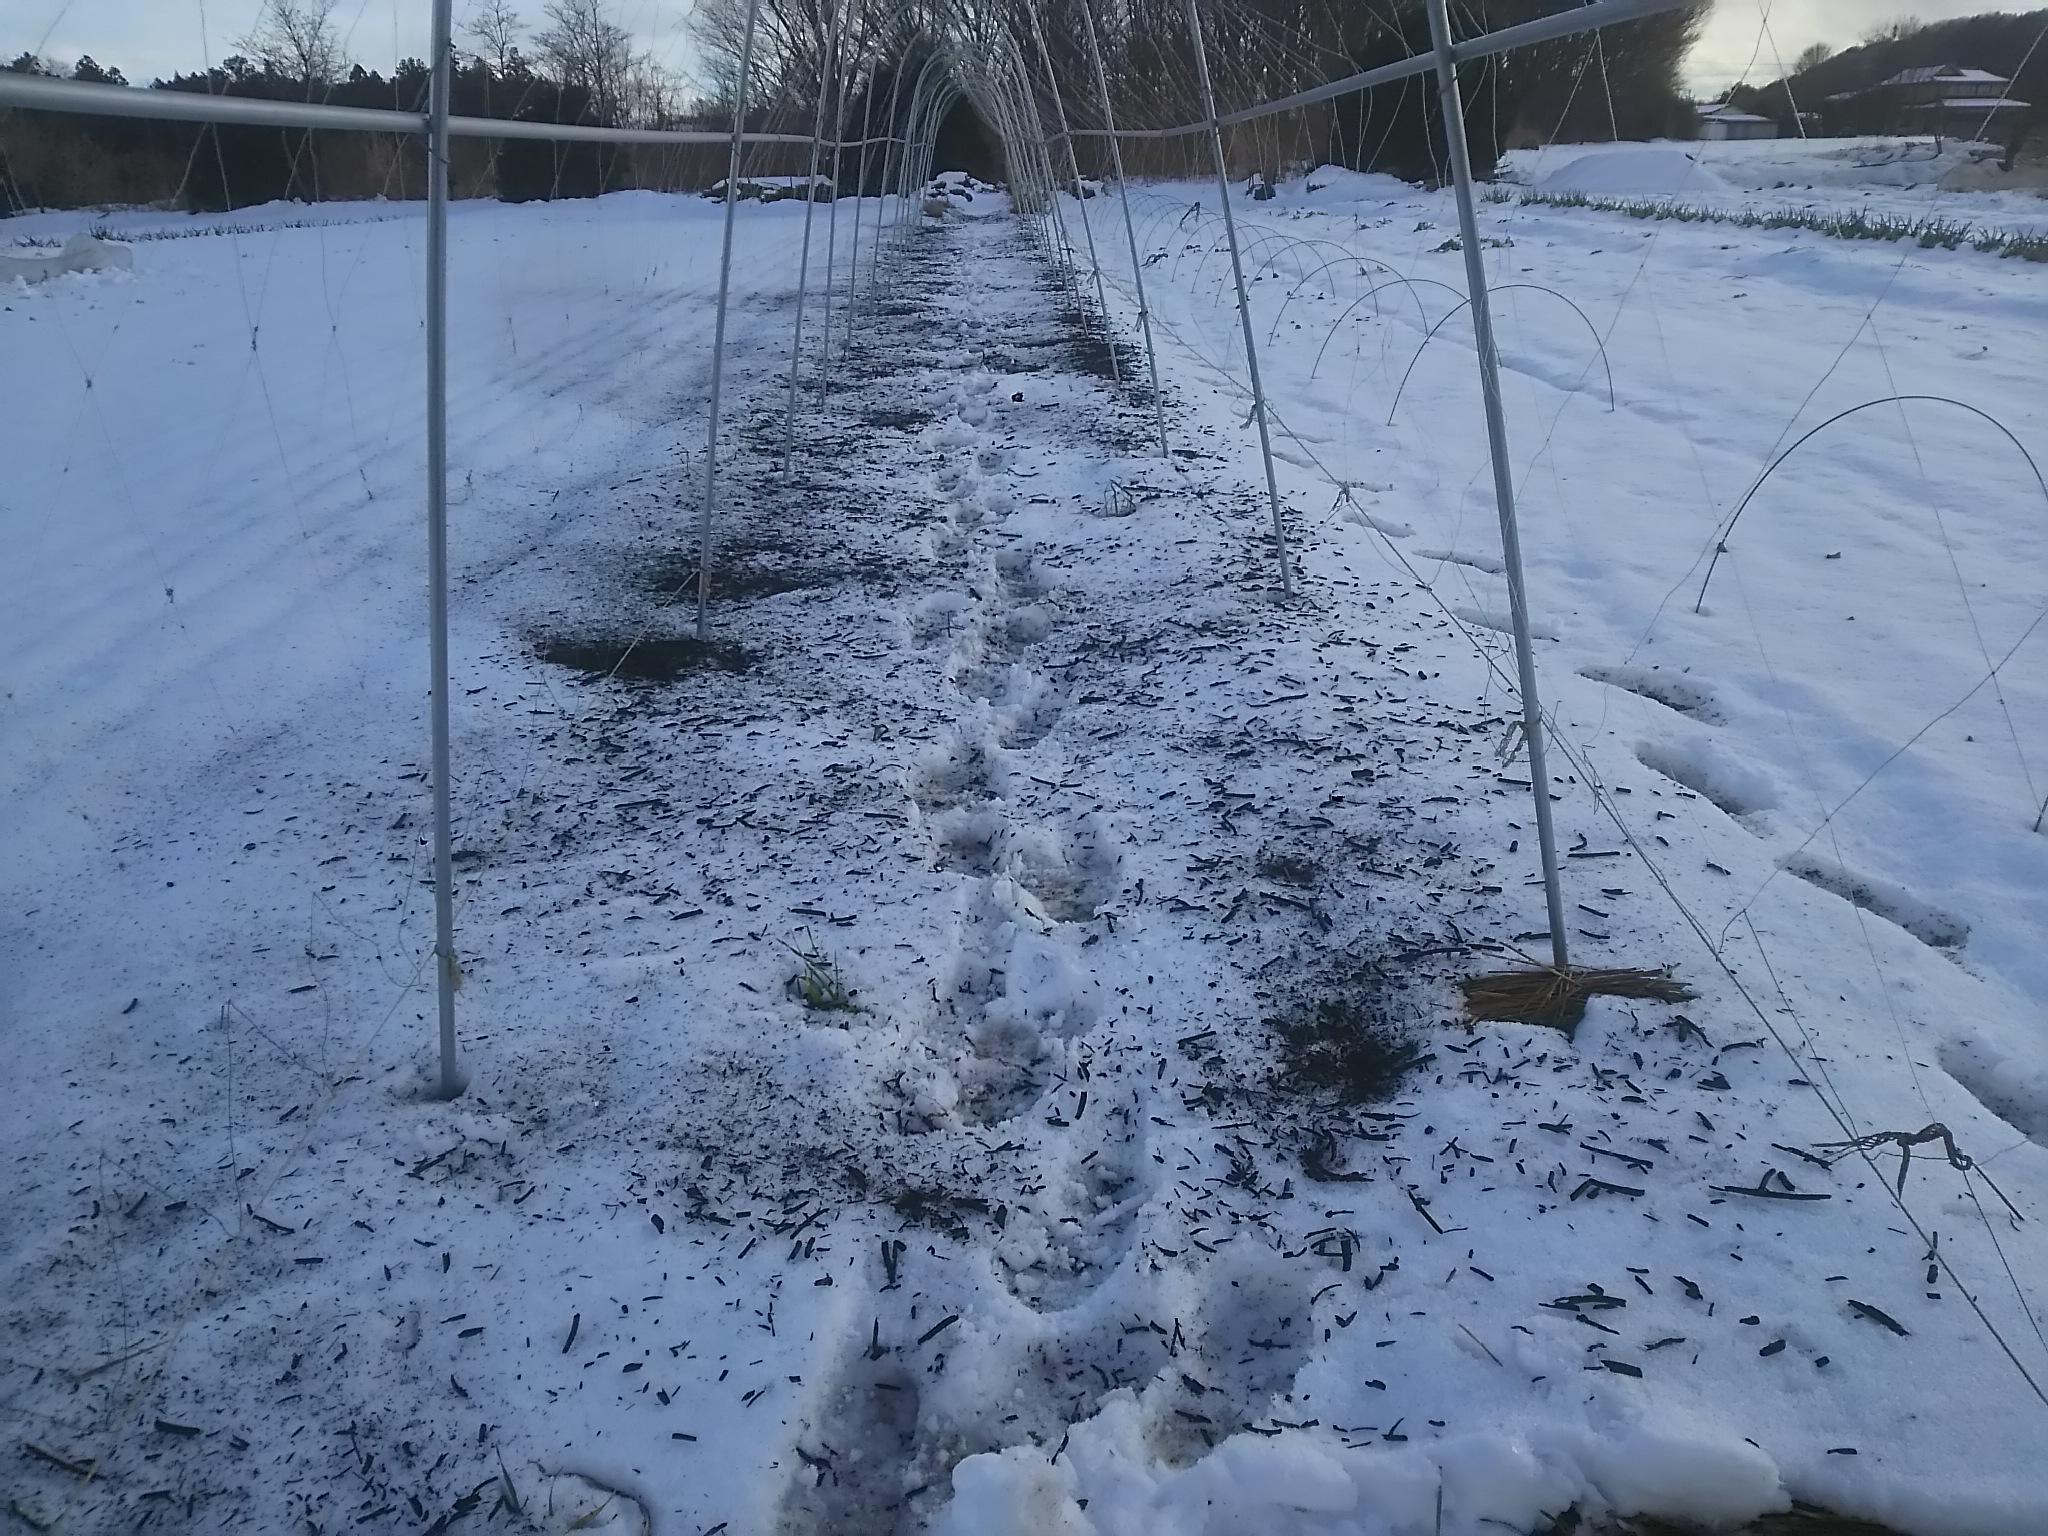 炭をまいて雪を融かす